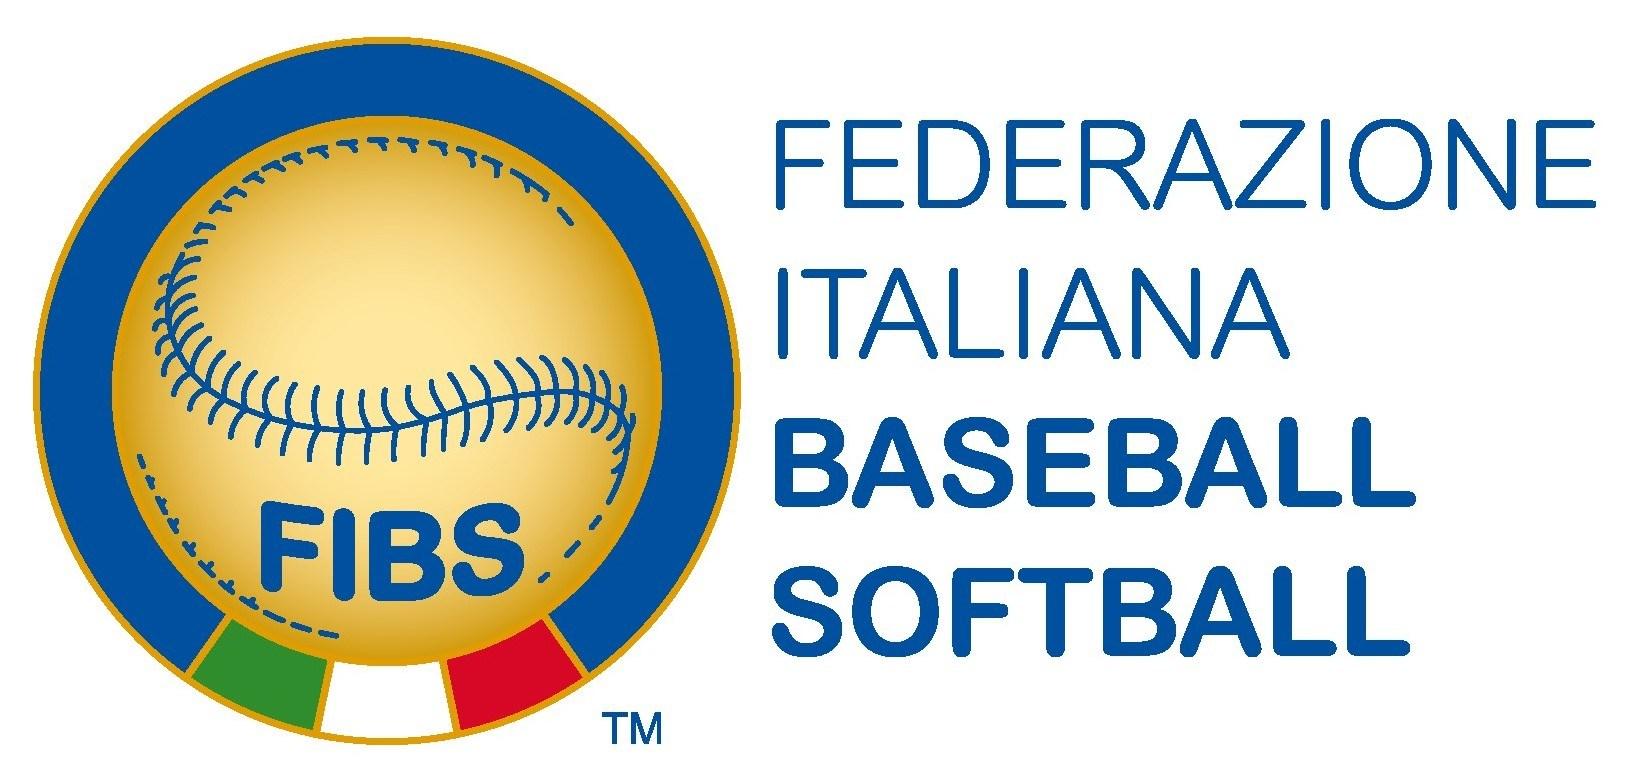 Baseball - Inizio del campionato 2020 rinviato al 14 Giugno